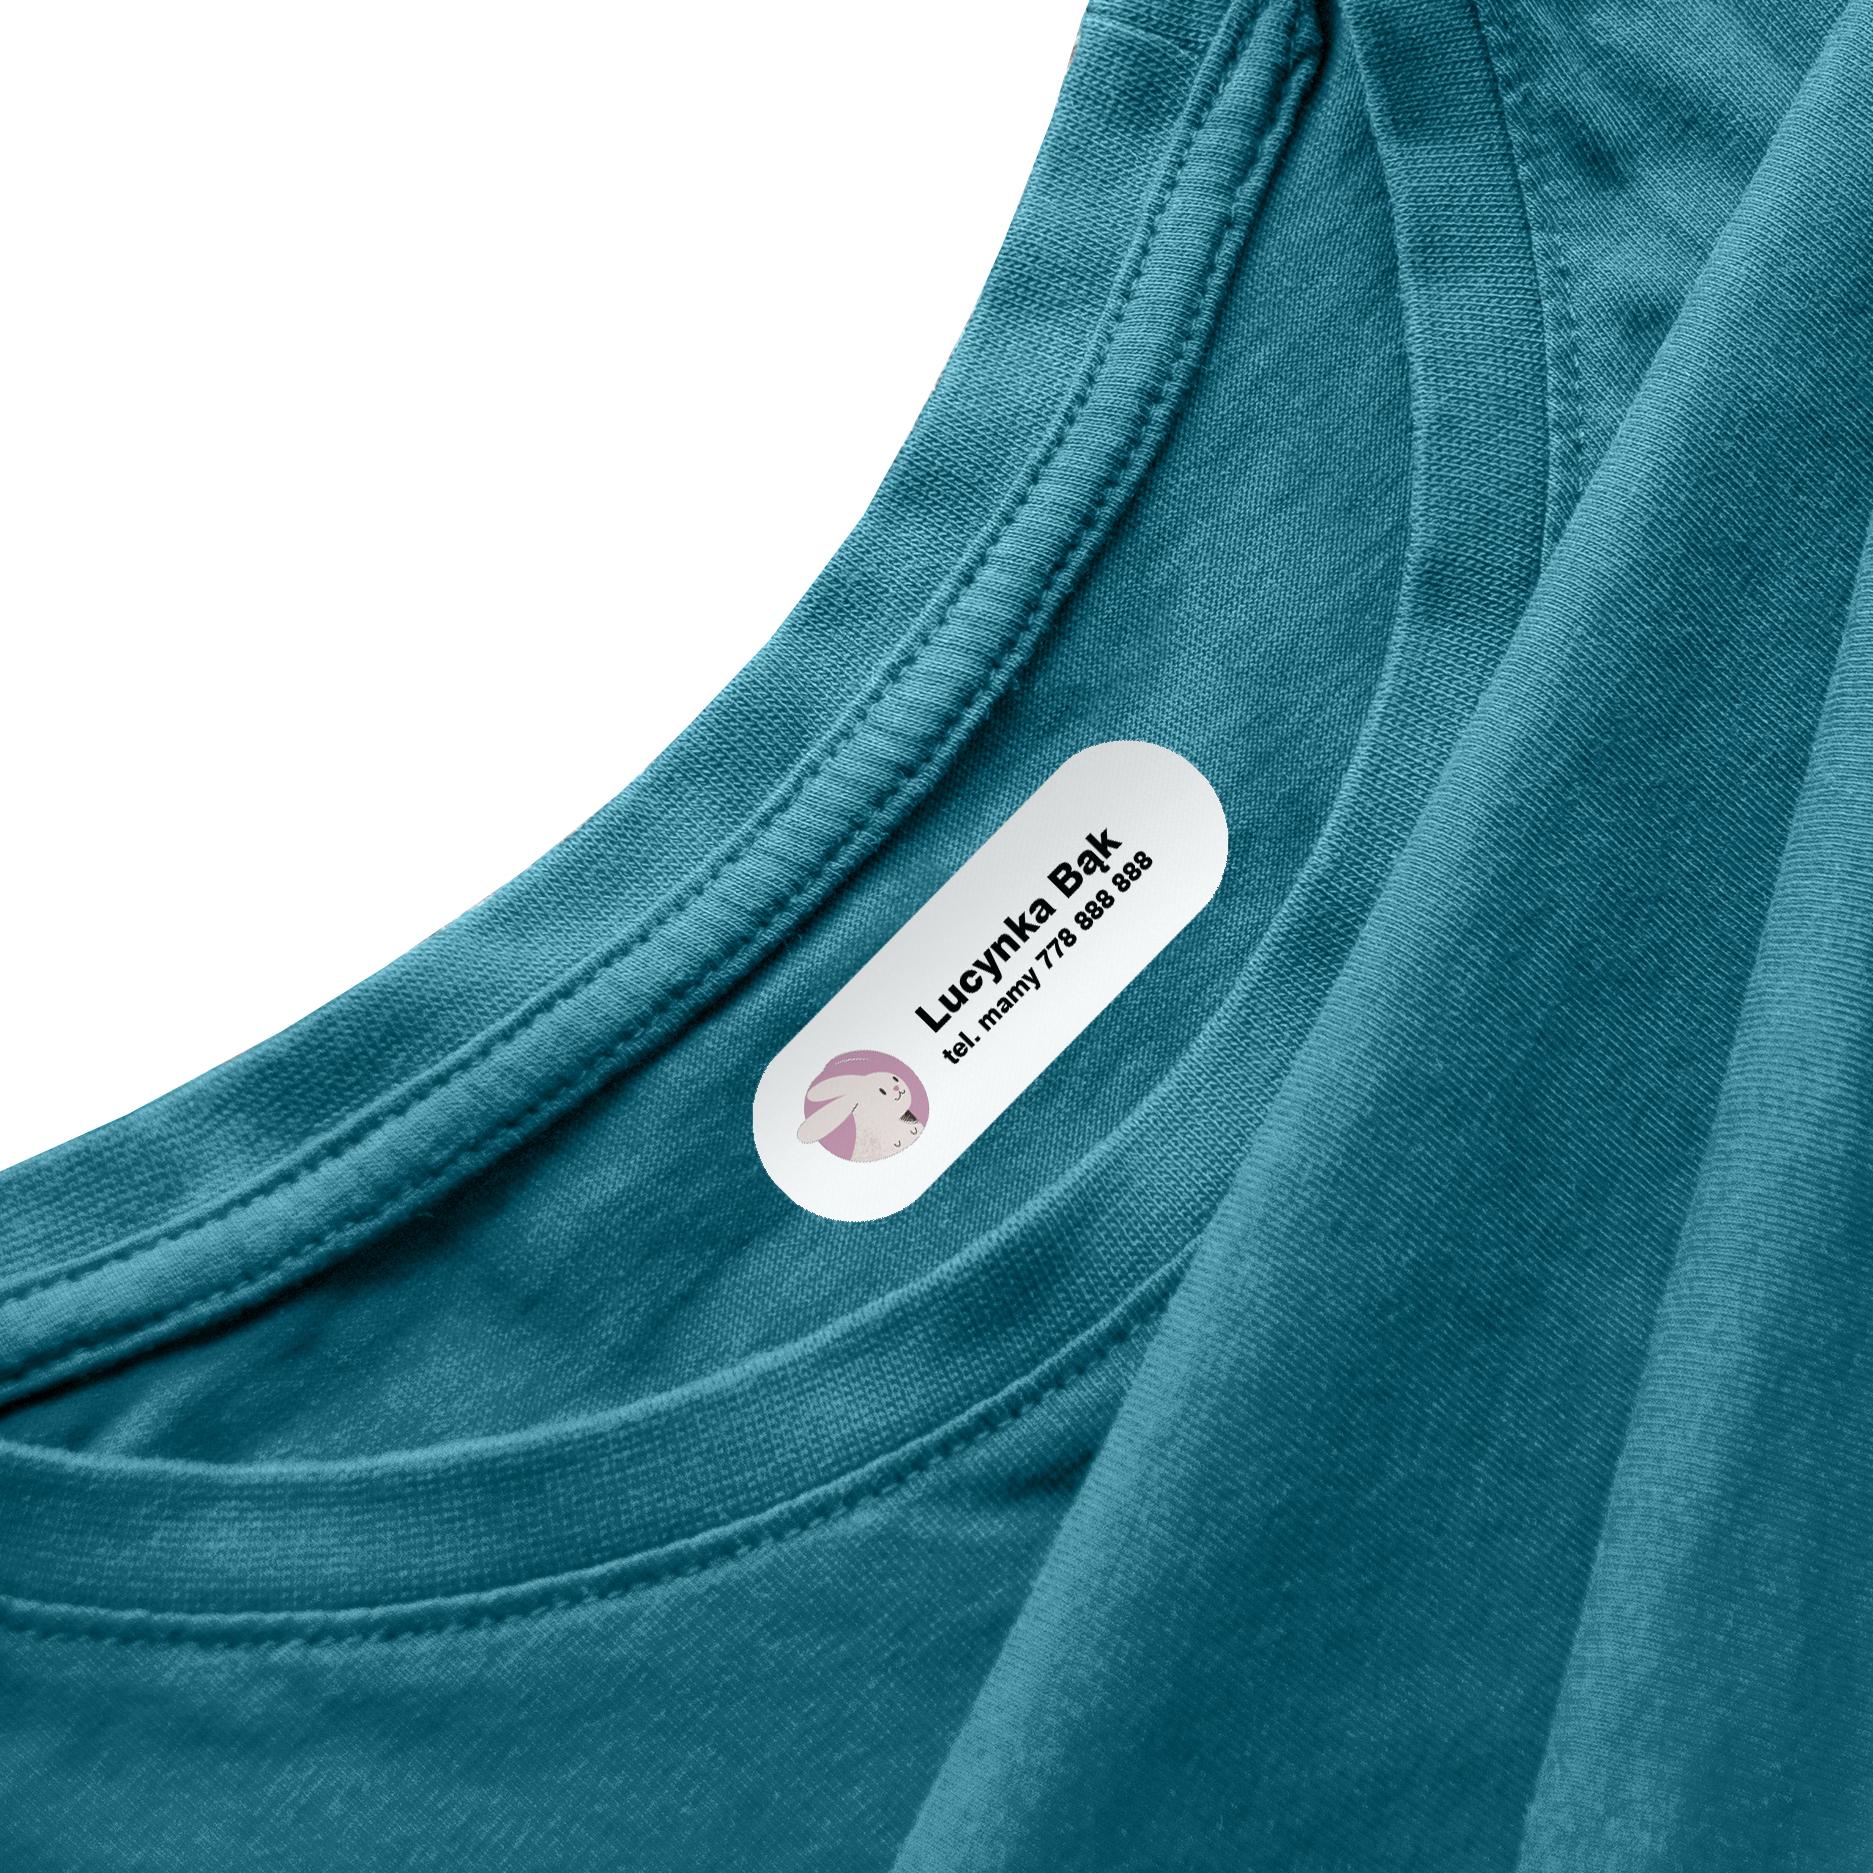 Naprasowanki na ubrania naprasowanka imienna metki dla dziecka króliczek